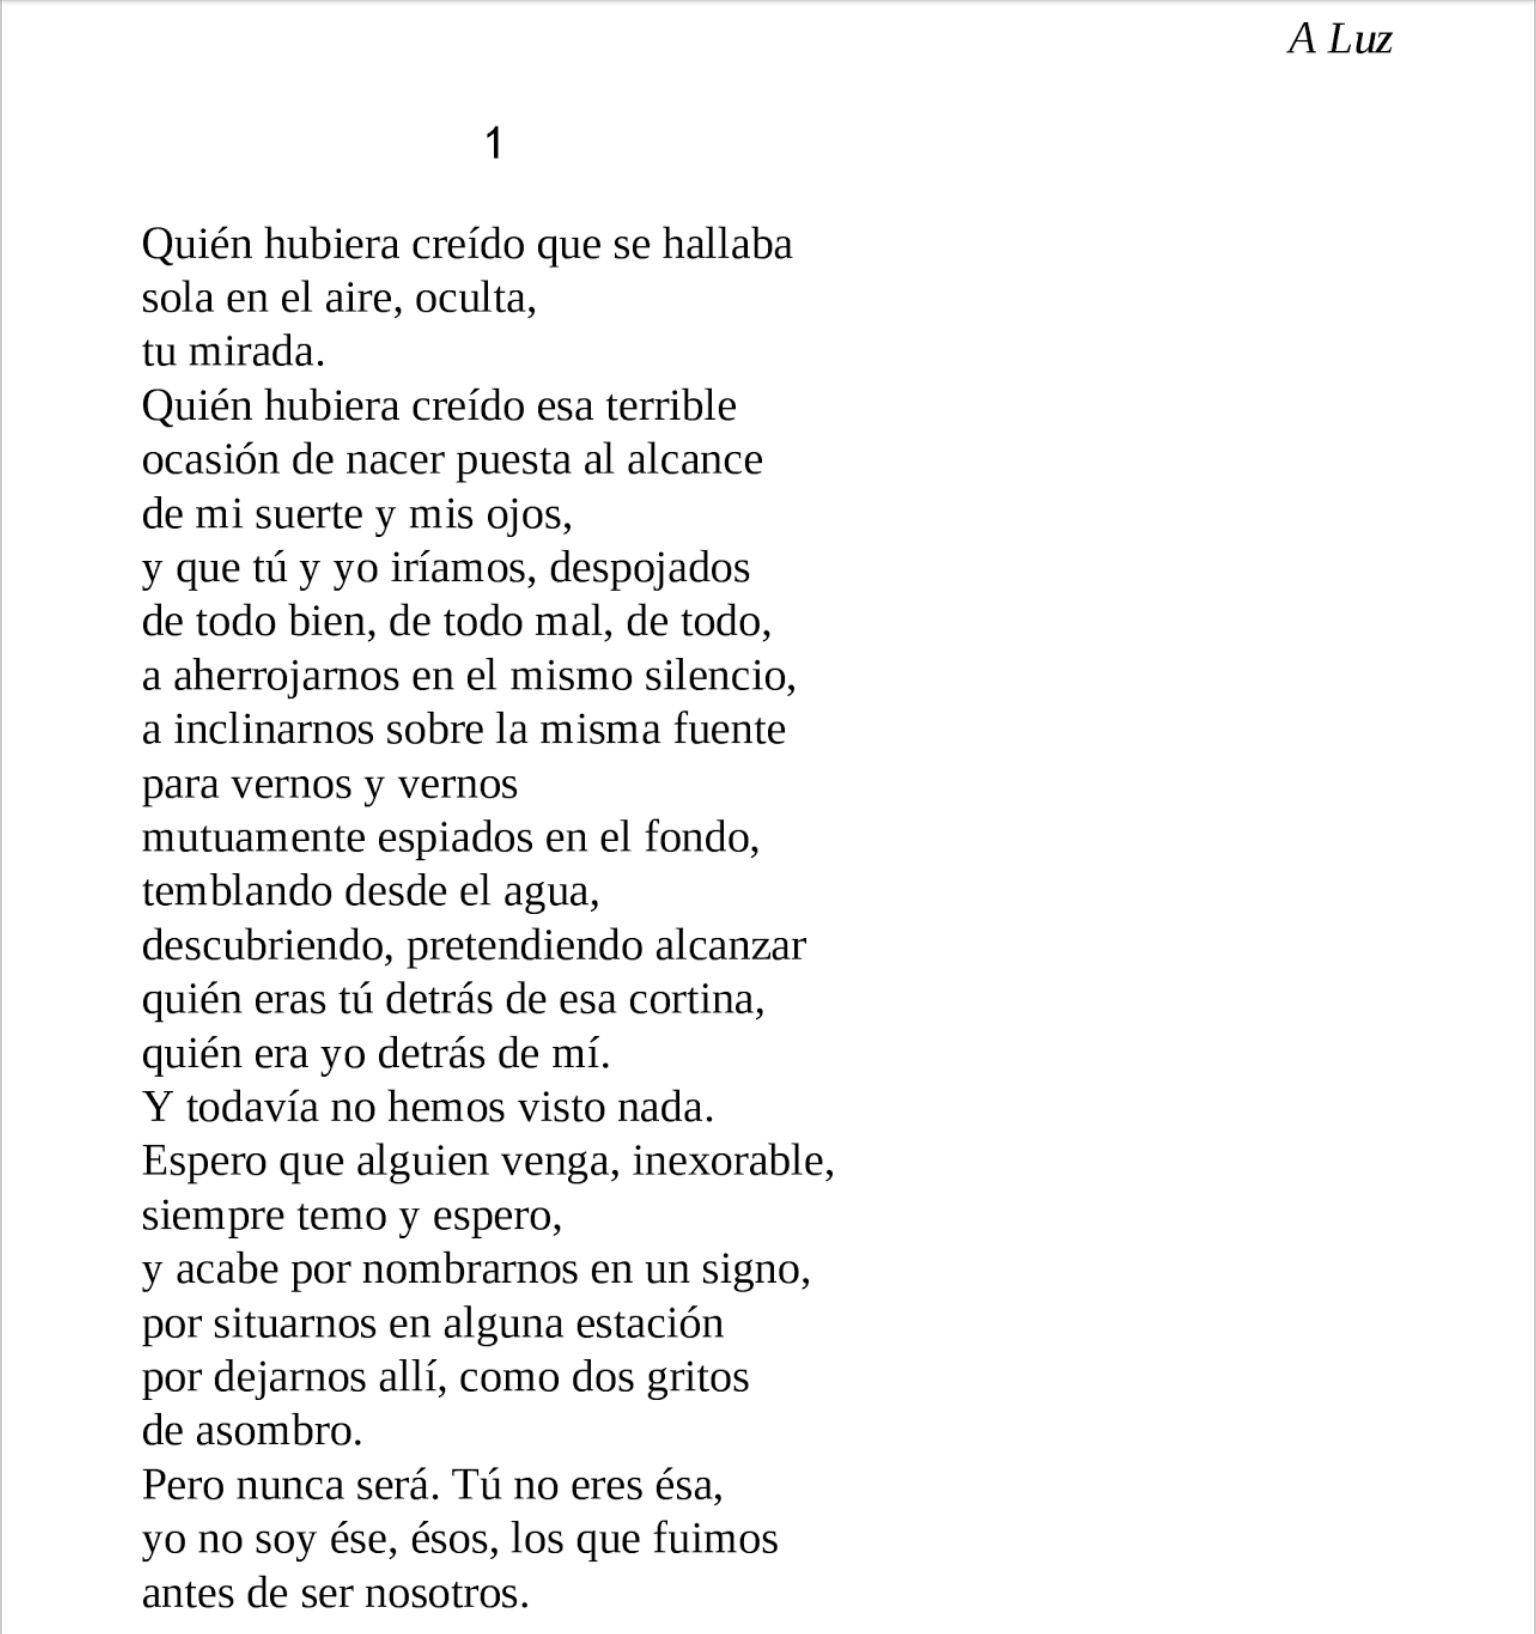 Las Mejores Frases Para Publicar En Fb Frases De Amor Yo No Te Pido